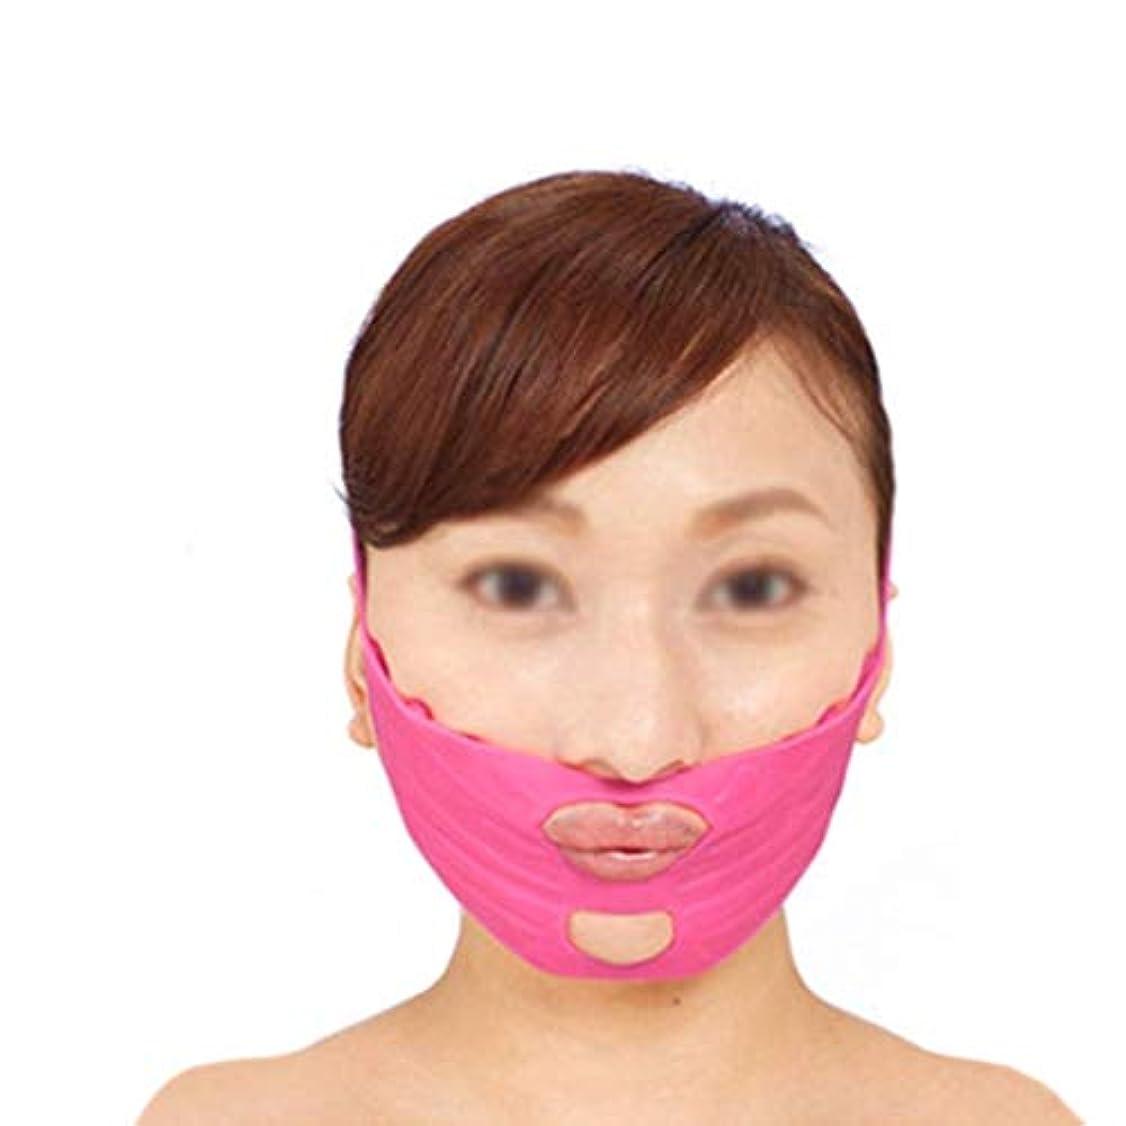 摂氏度バッチスカイフェイスストラップ付きマスク、プルアップフェイスマスク、フェイスリフティングマスク、フェイスタイトニングバンデージ、フェイシャルリフティングバンデージ、ダブルチンを減らすためのリフティングフェイスバンド(ピンク、ワンサイズ)